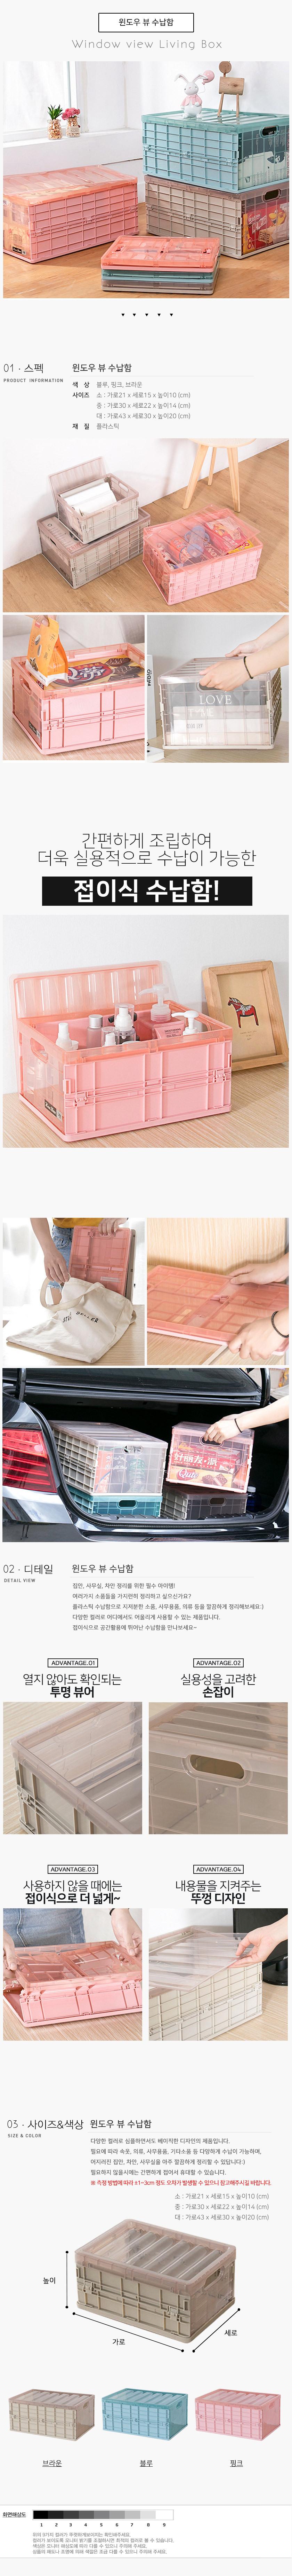 플라스틱 정리함 bx-7308 윈도우 뷰-소 - 데코레이디, 5,900원, 정리/리빙박스, 플라스틱 리빙박스